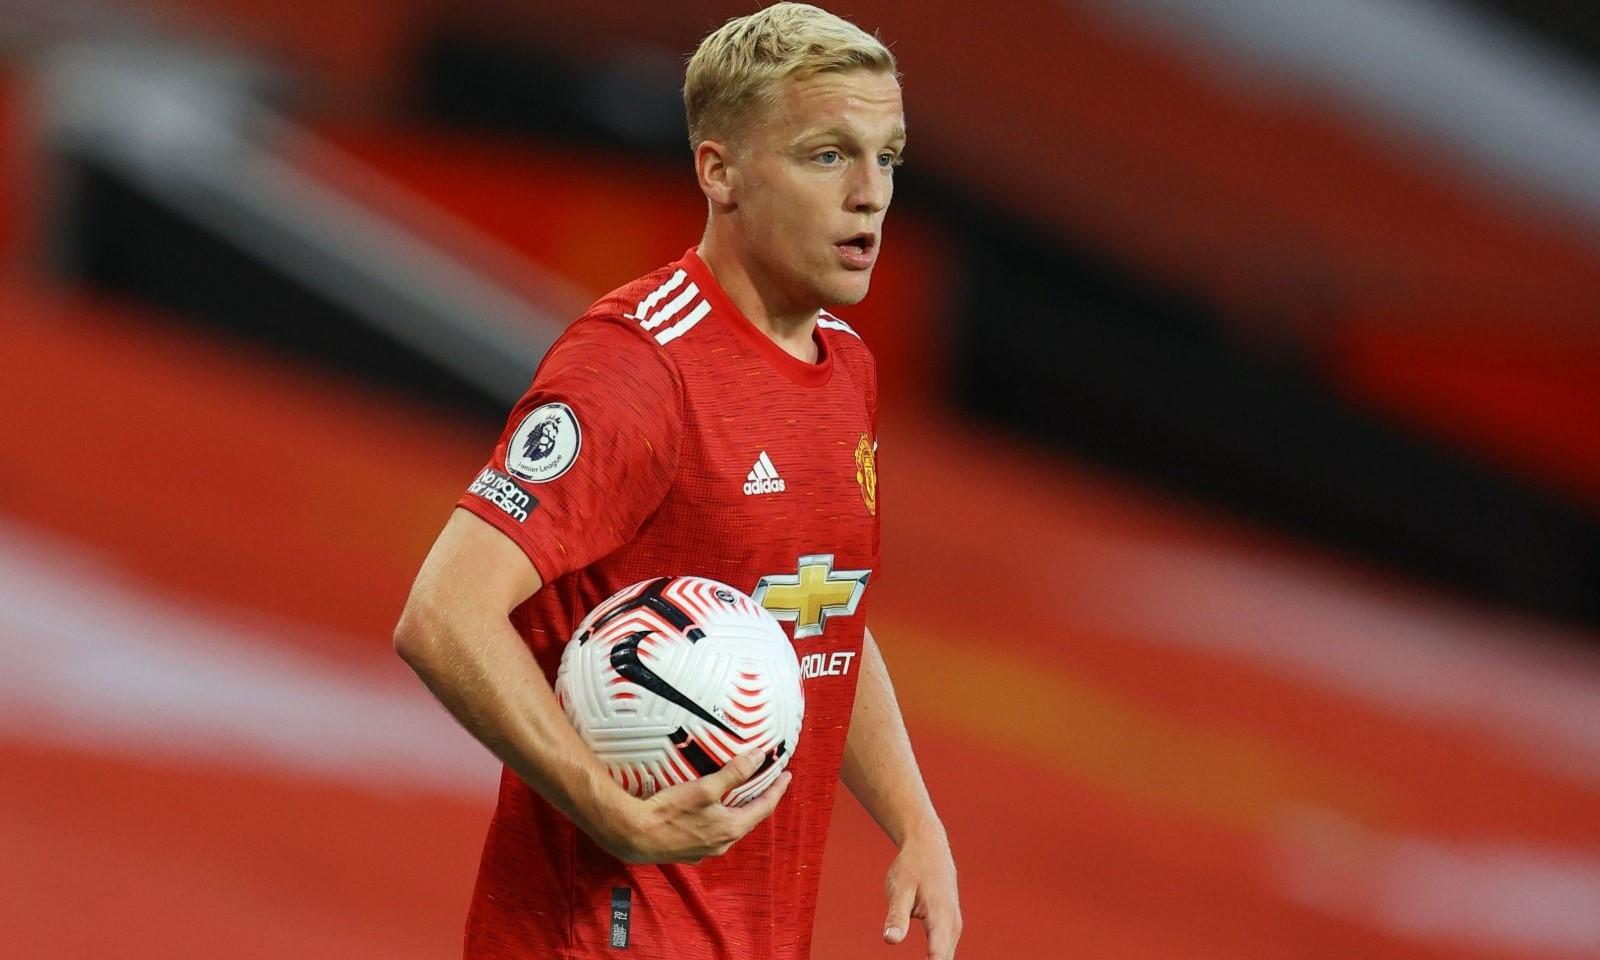 Van de Beek trải qua mùa giải ra mắt đáng quên tại Man Utd. Ảnh: Reuters.